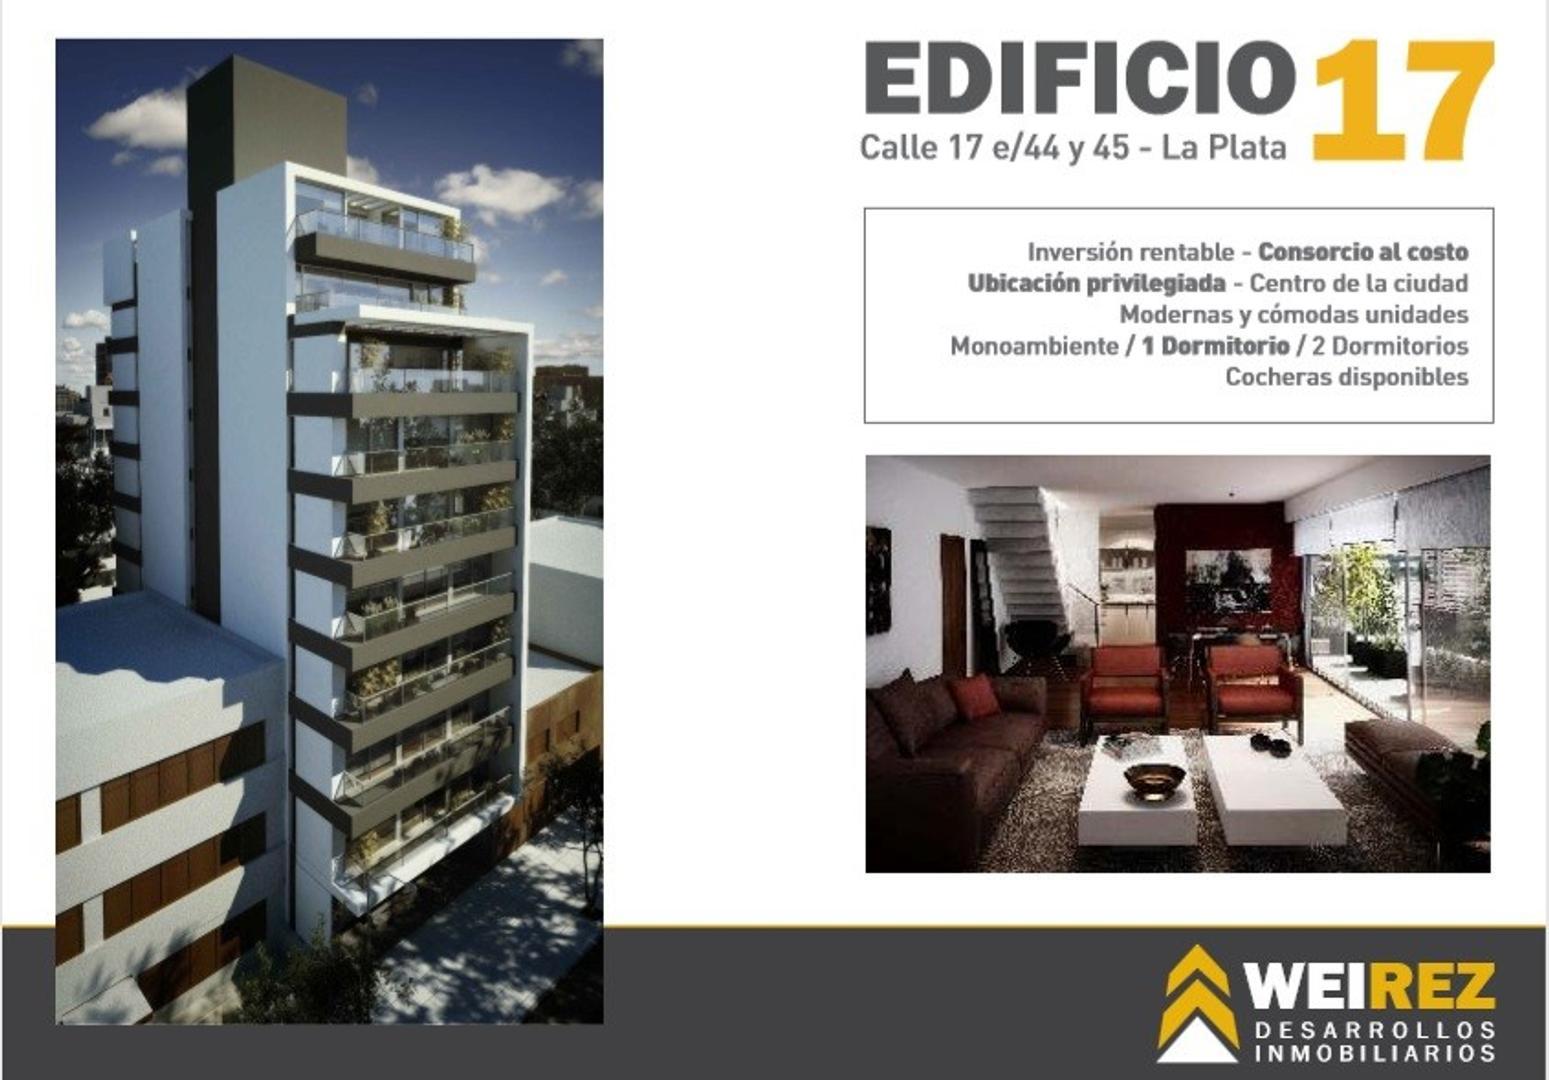 Edificio 17, La Plata